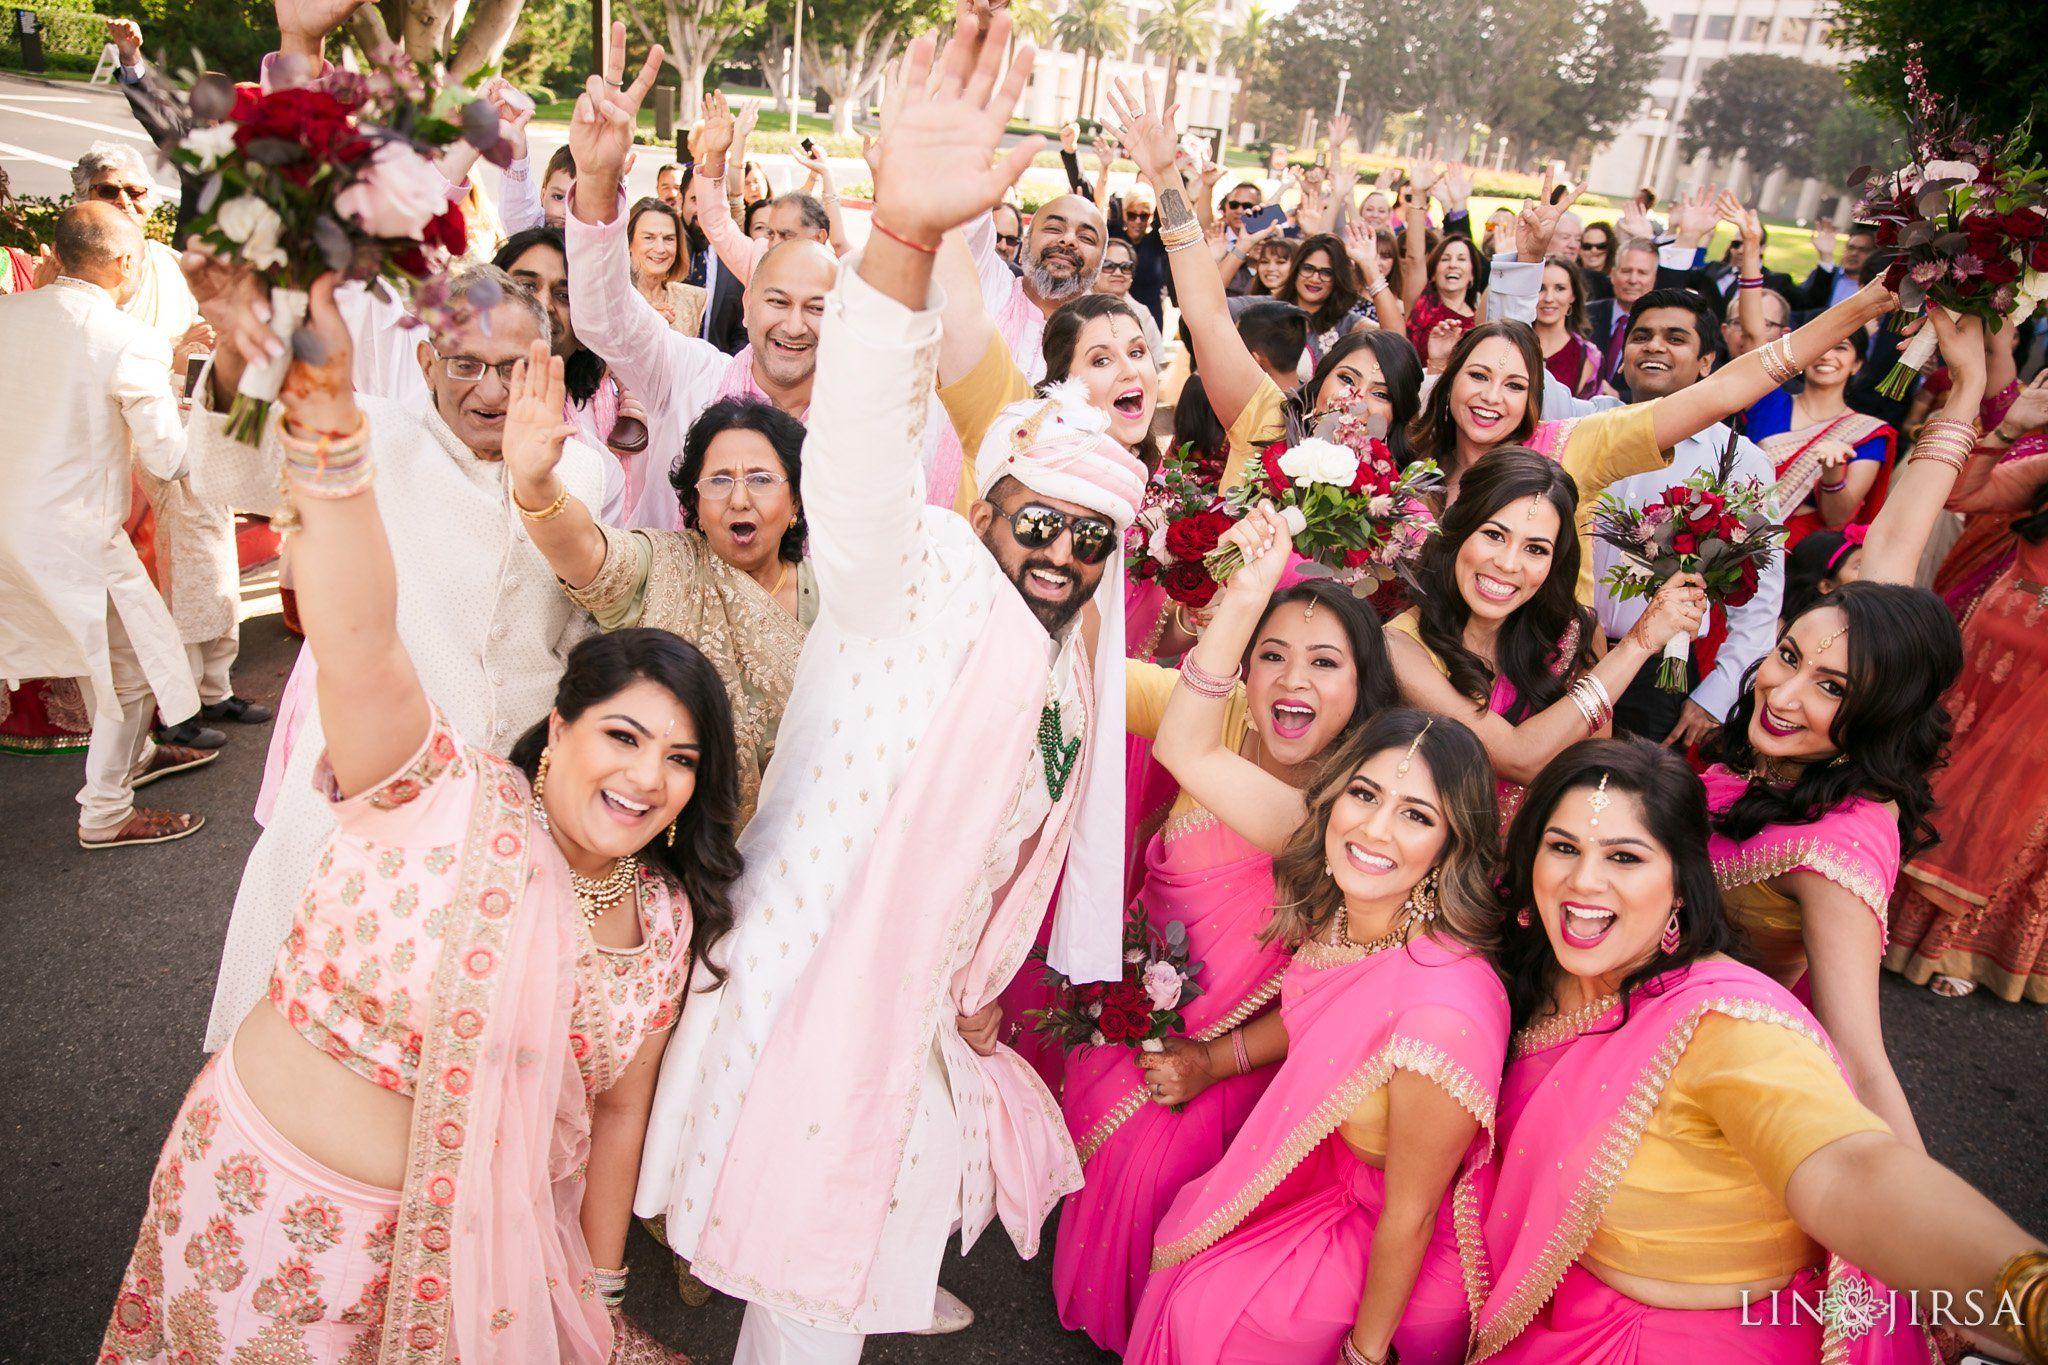 Hotel Irvine Indian Wedding Wedding Photography Poses Wedding